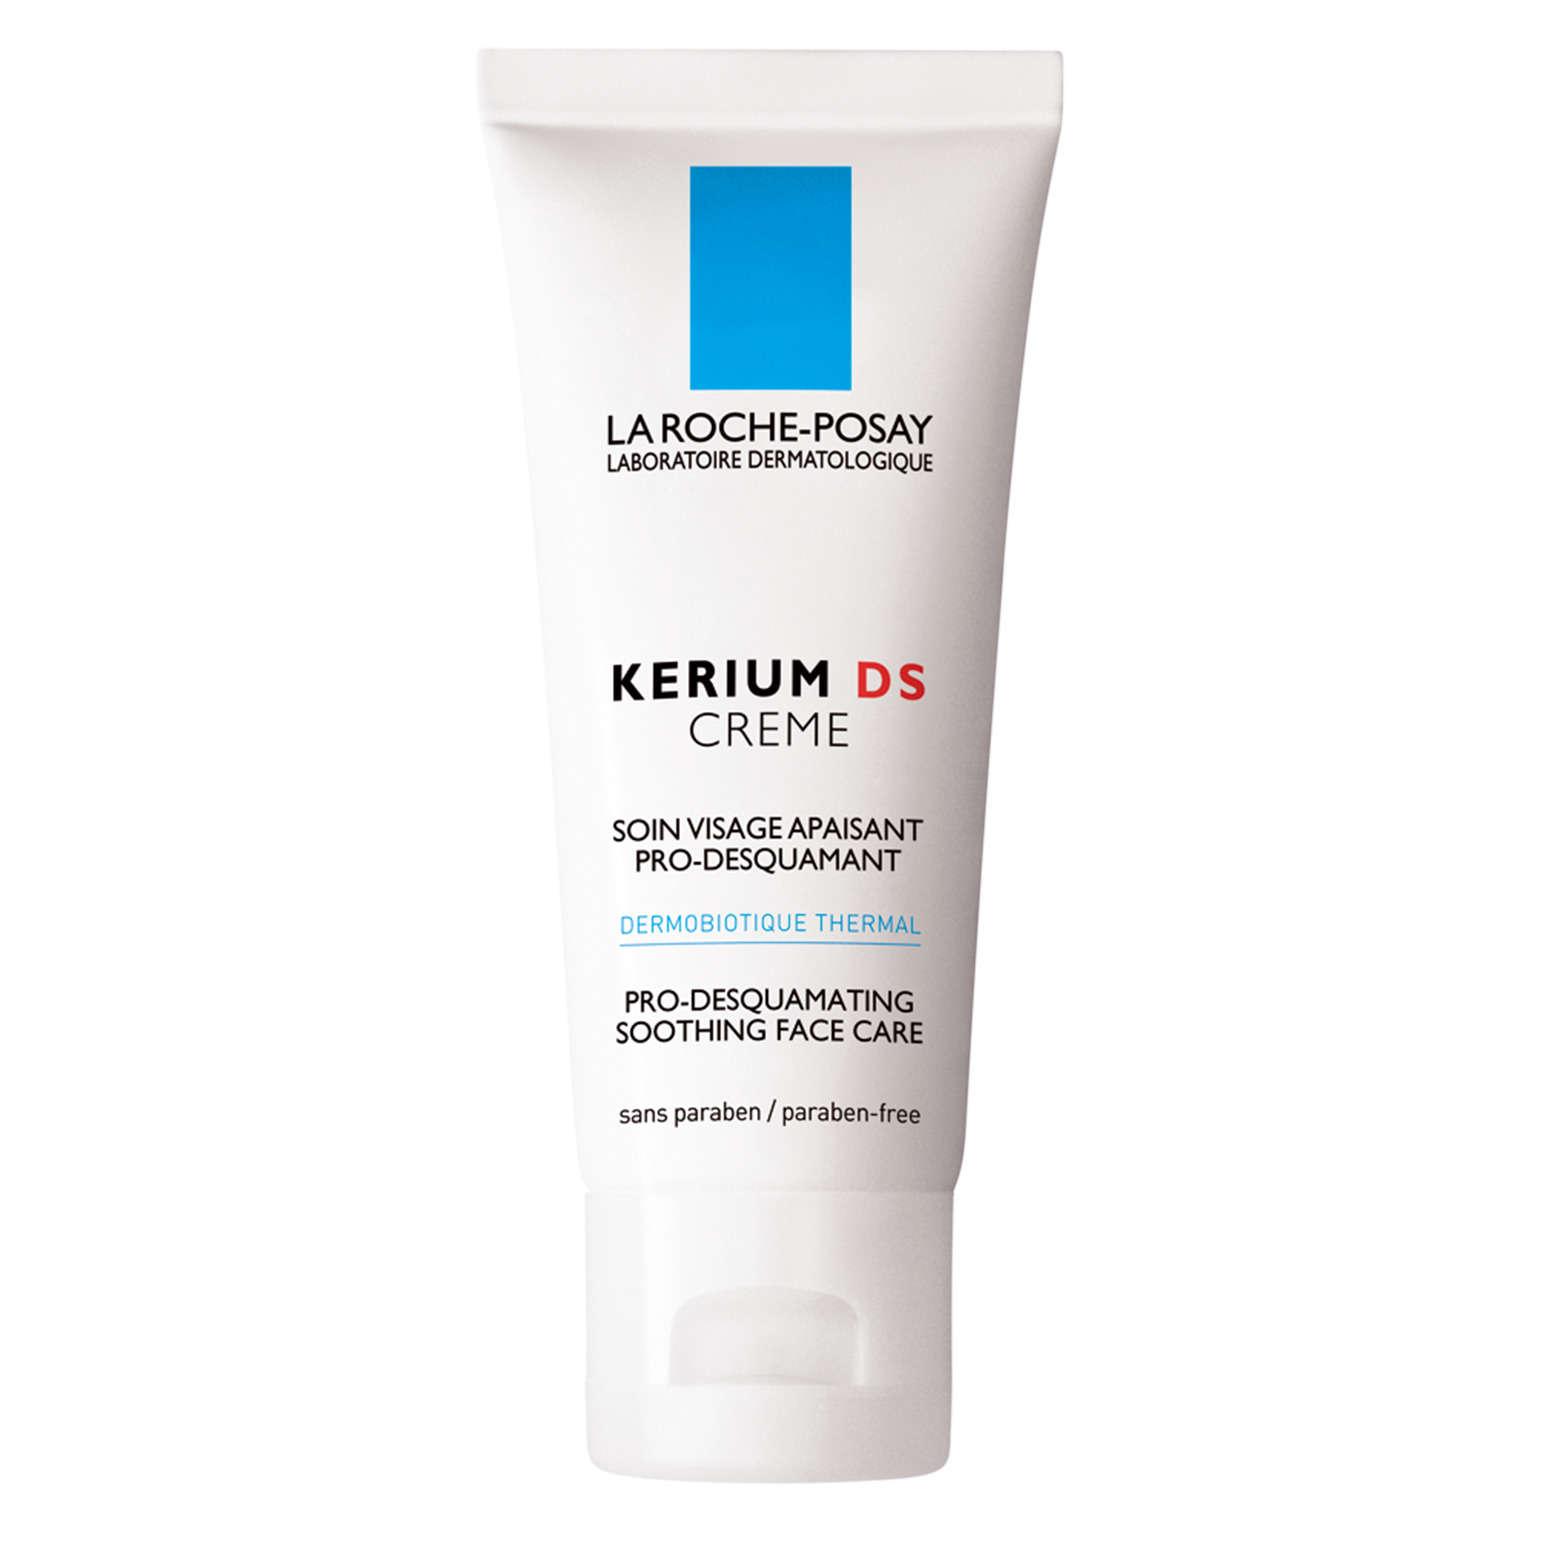 La Roche-posay - Kerium DS - Crema